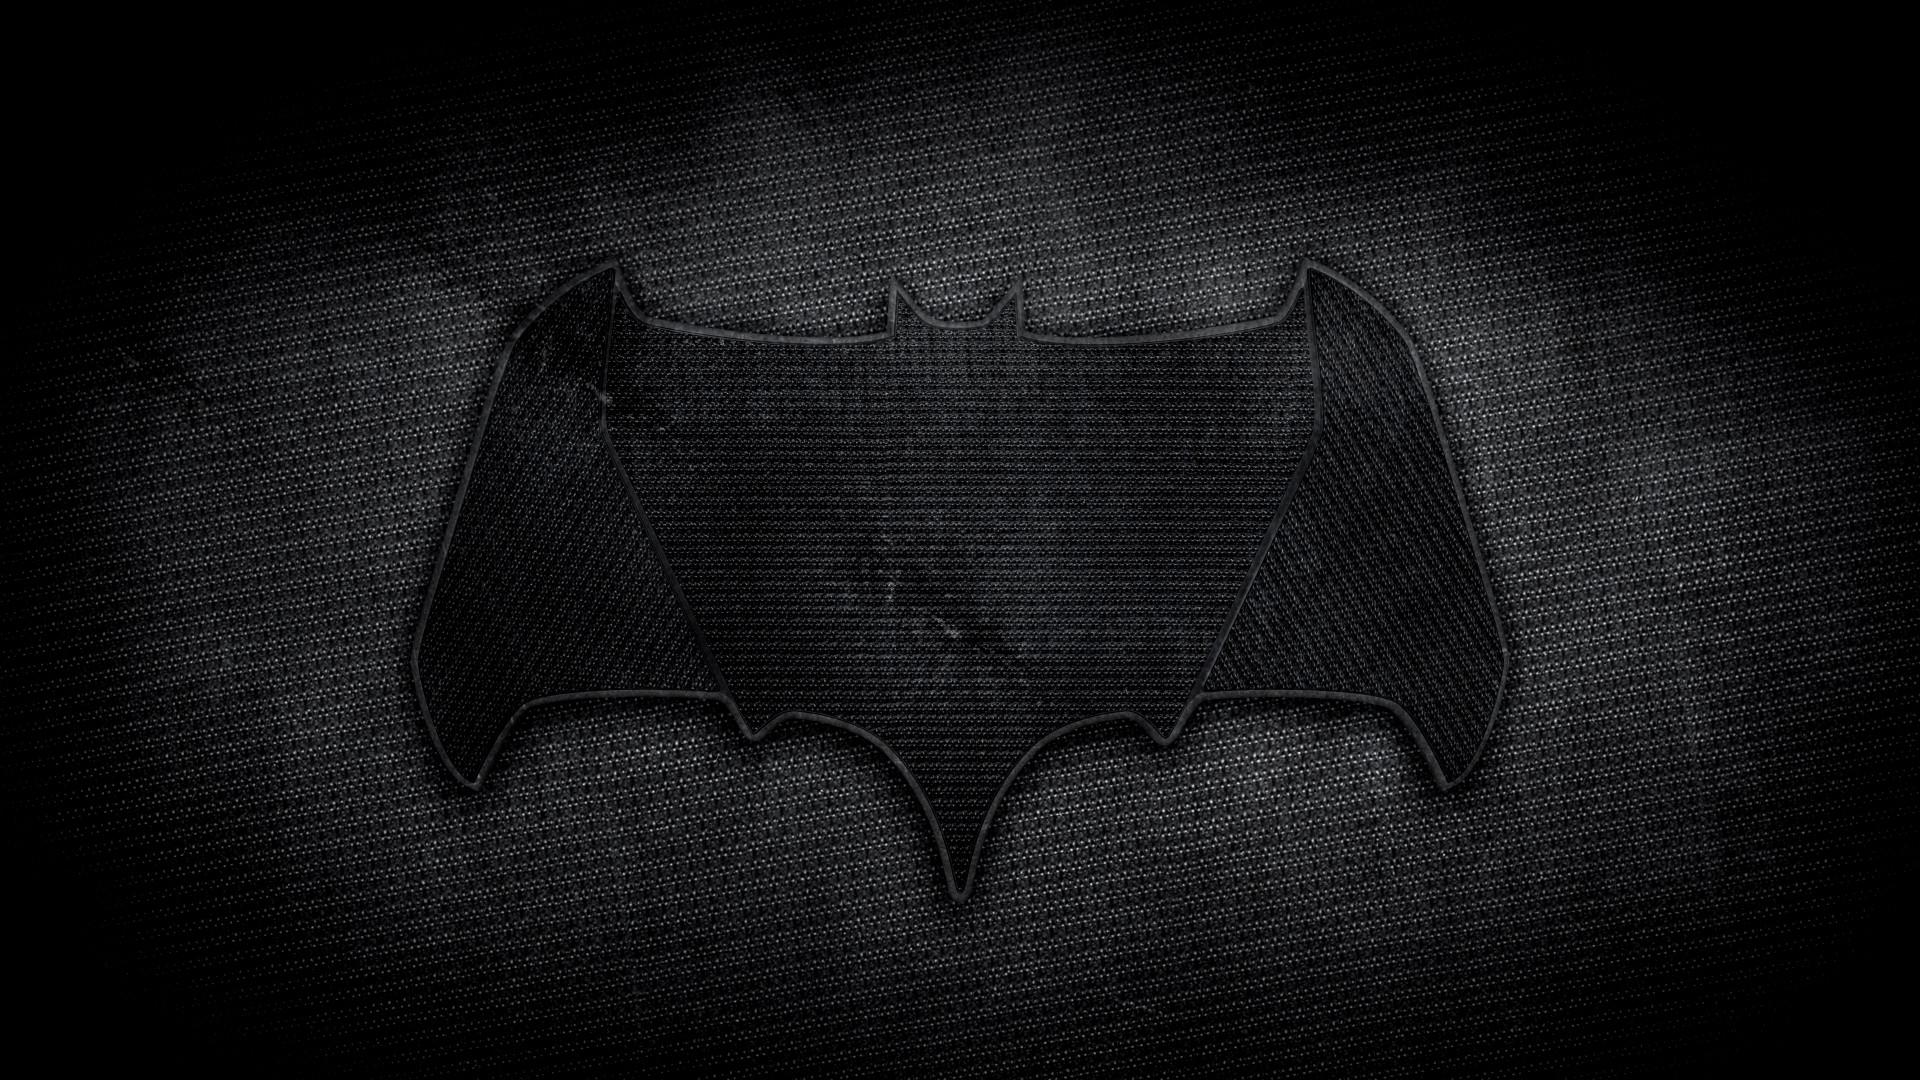 Batman vs Superman Symbol Wallpaper